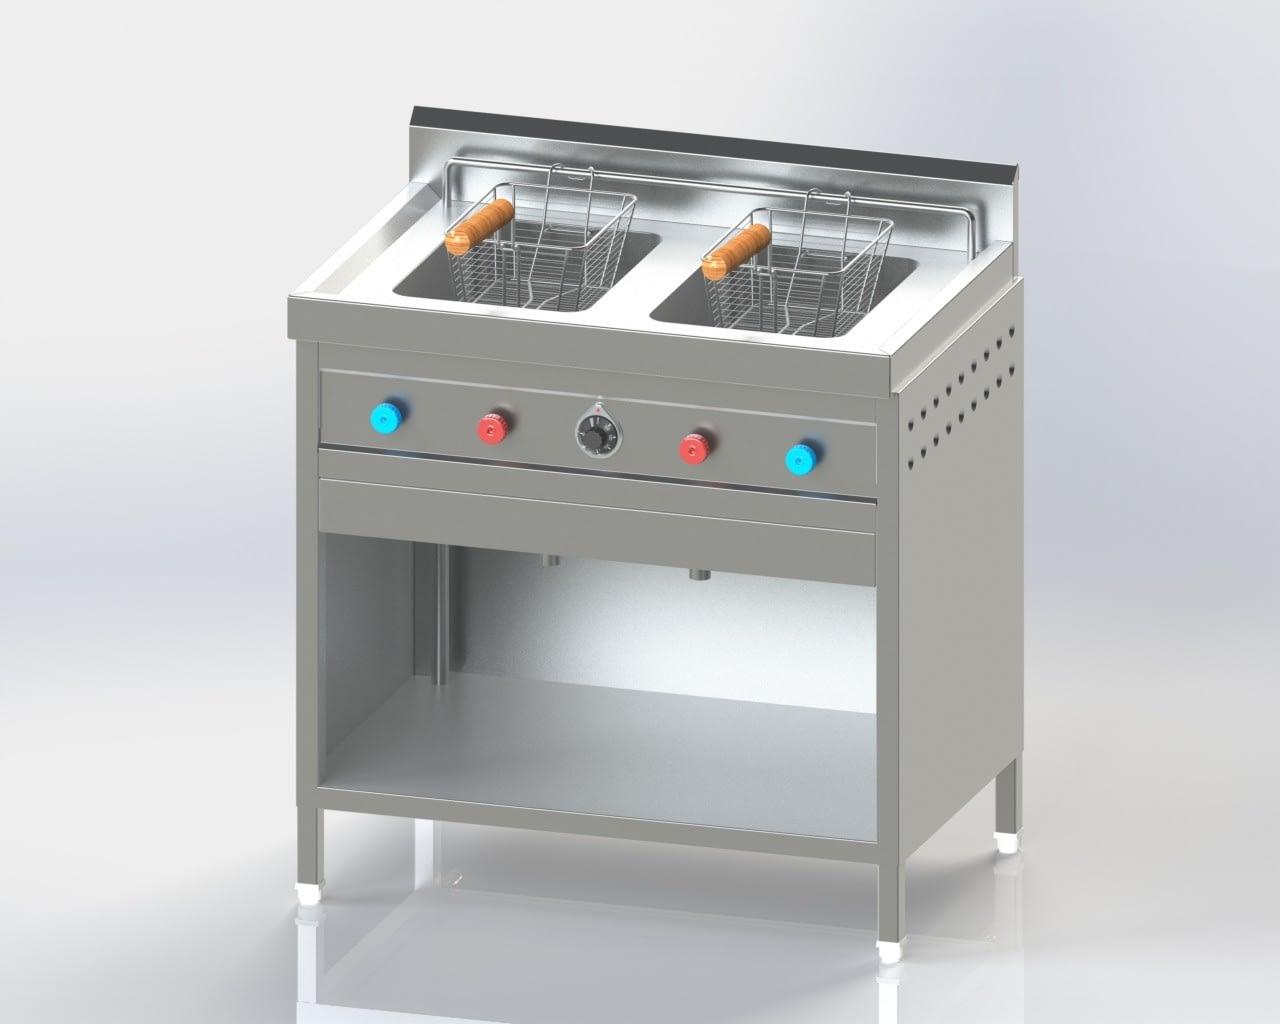 Double Chamber Deep Fat Fryer (Gas)